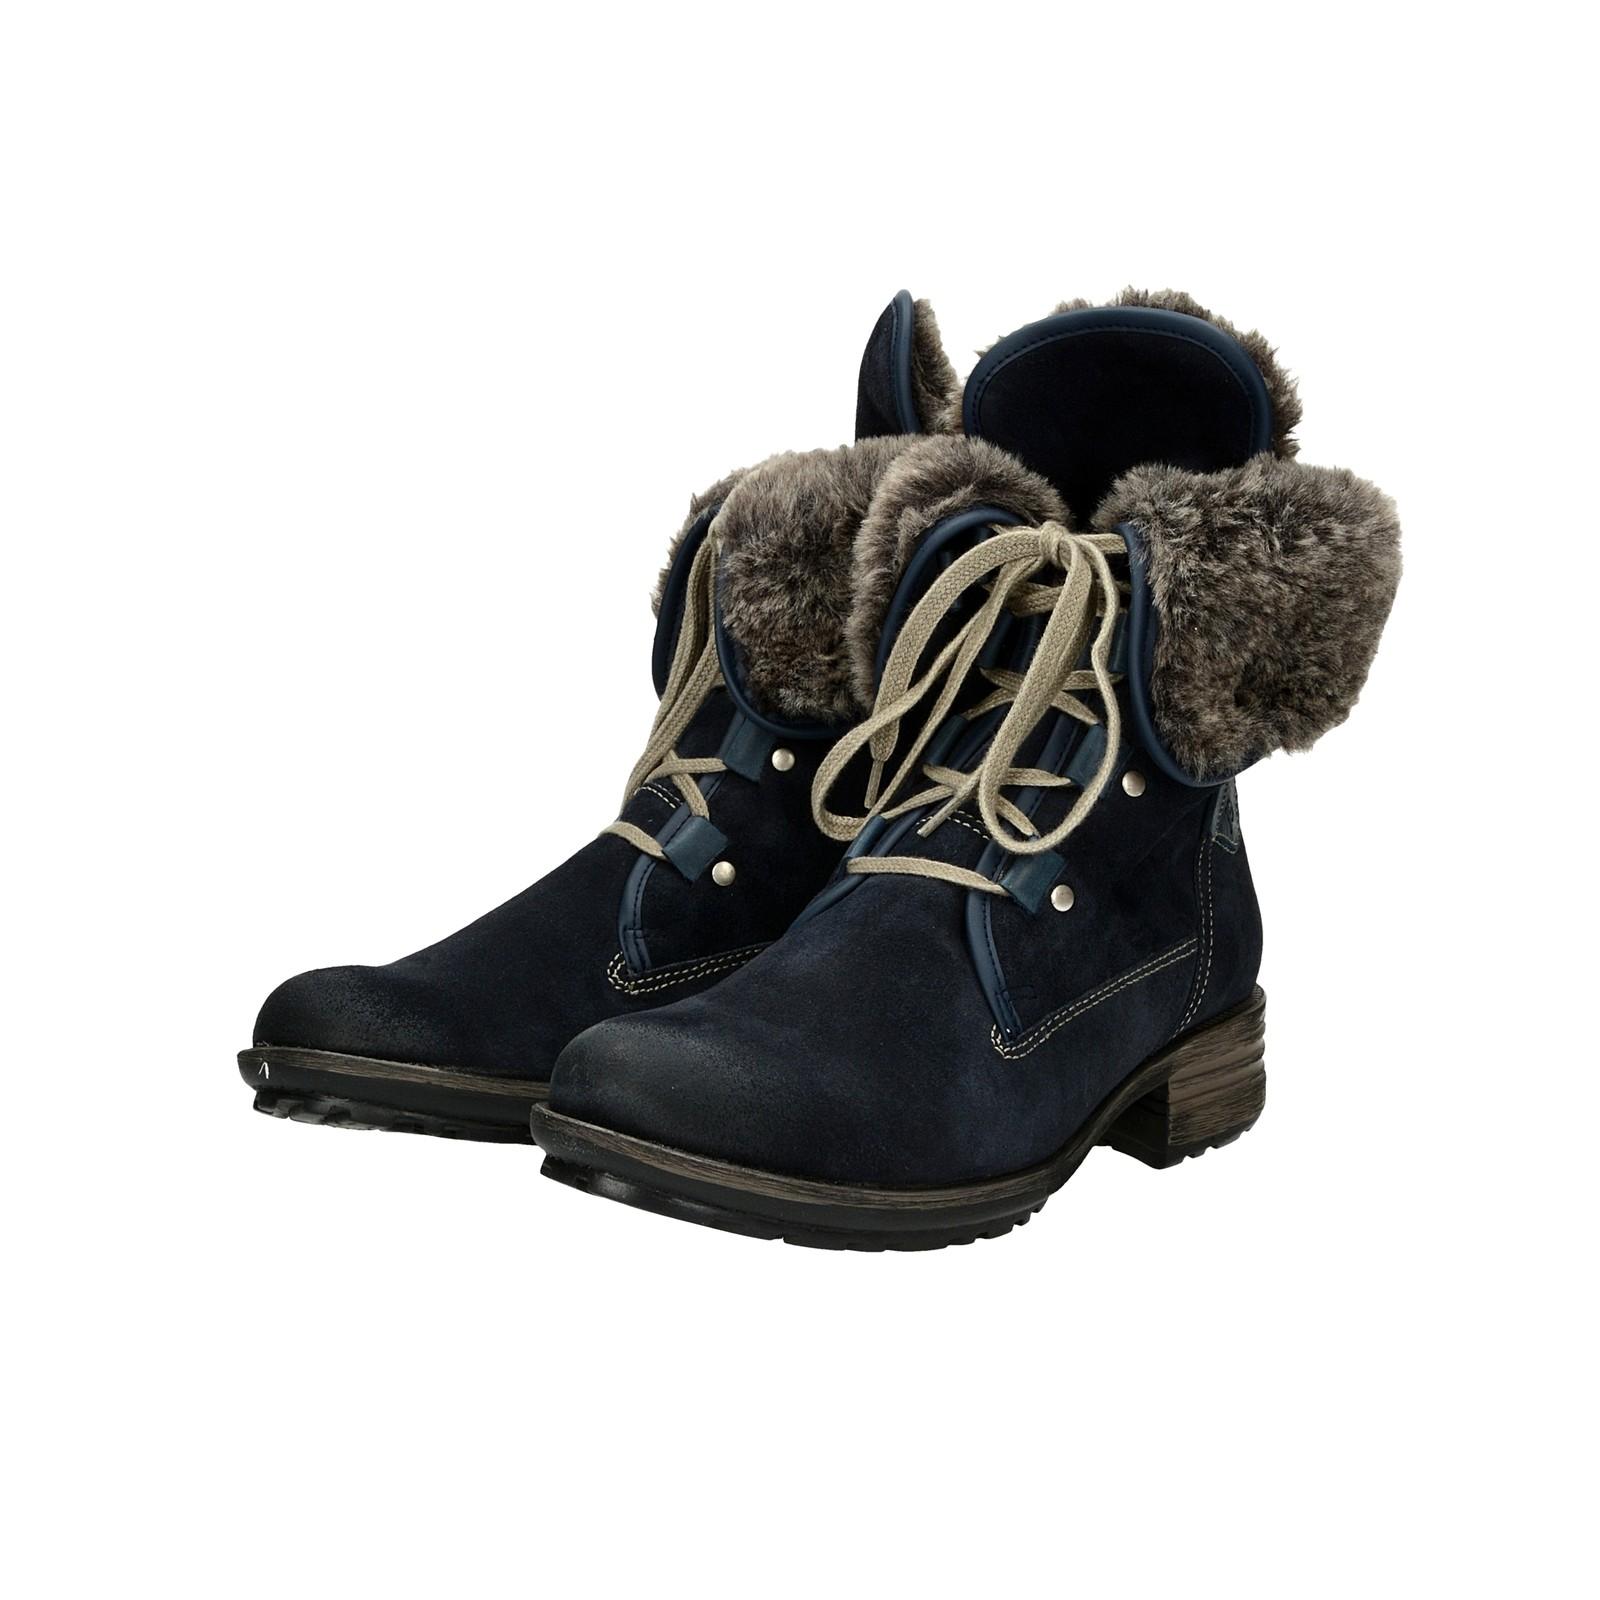 Josef Seibel dámské semišové zateplené kotníkové boty - tmavomodré